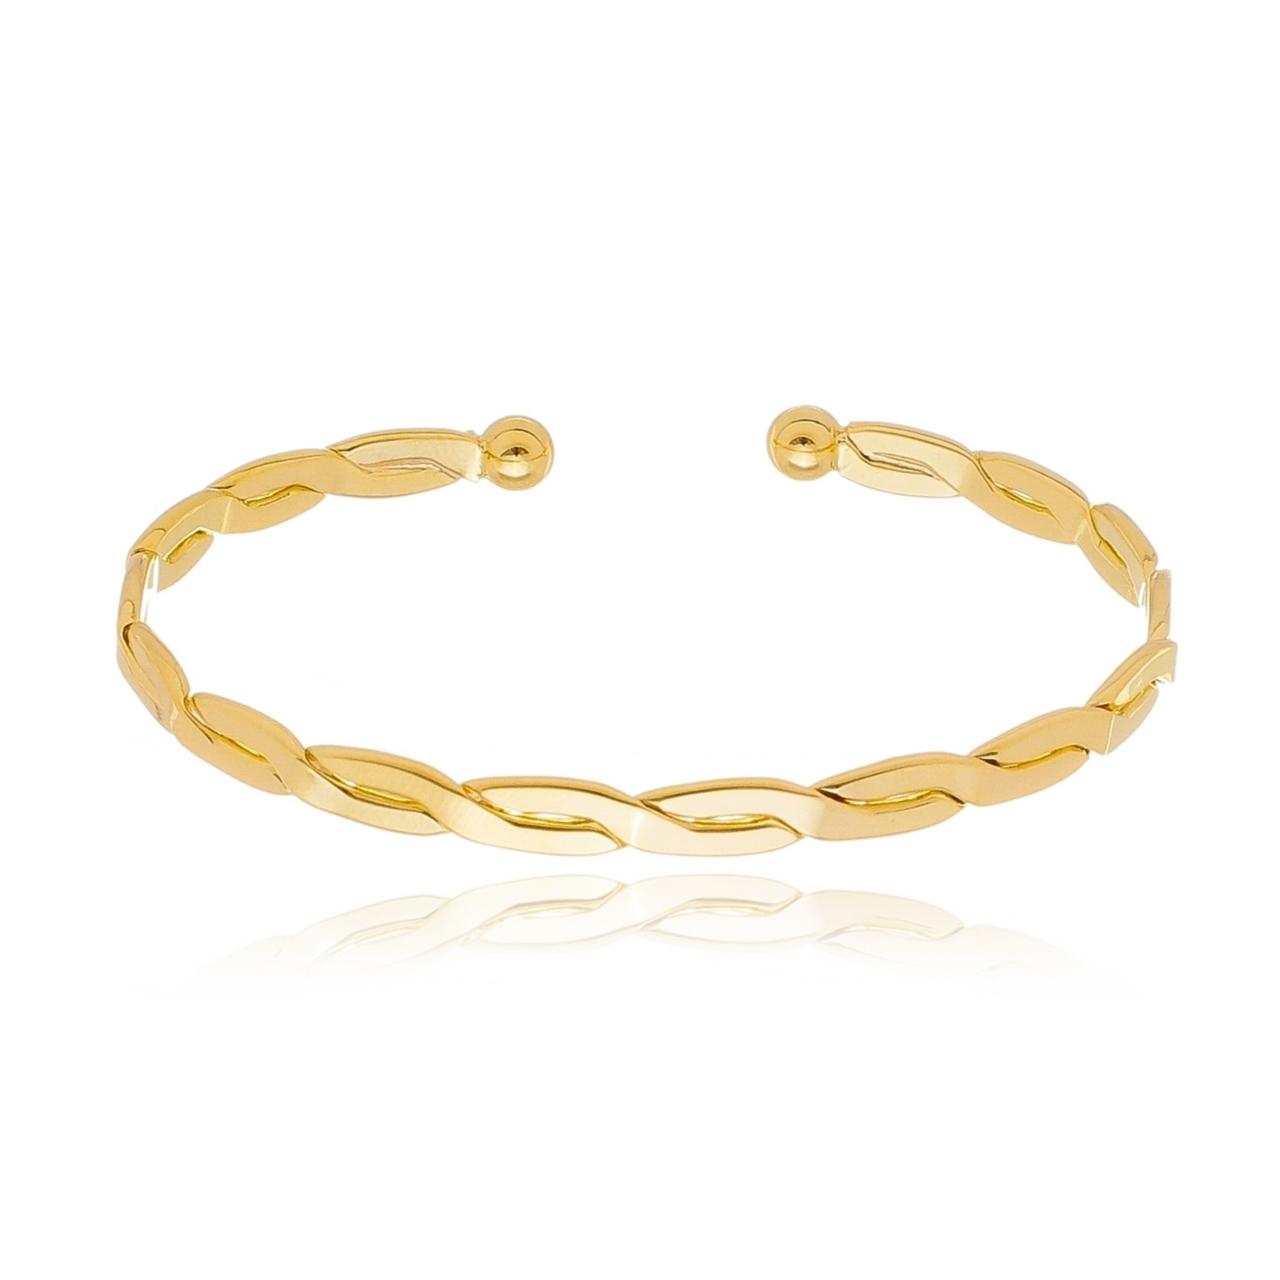 Bracelete Trançado Banhado em Ouro 18K